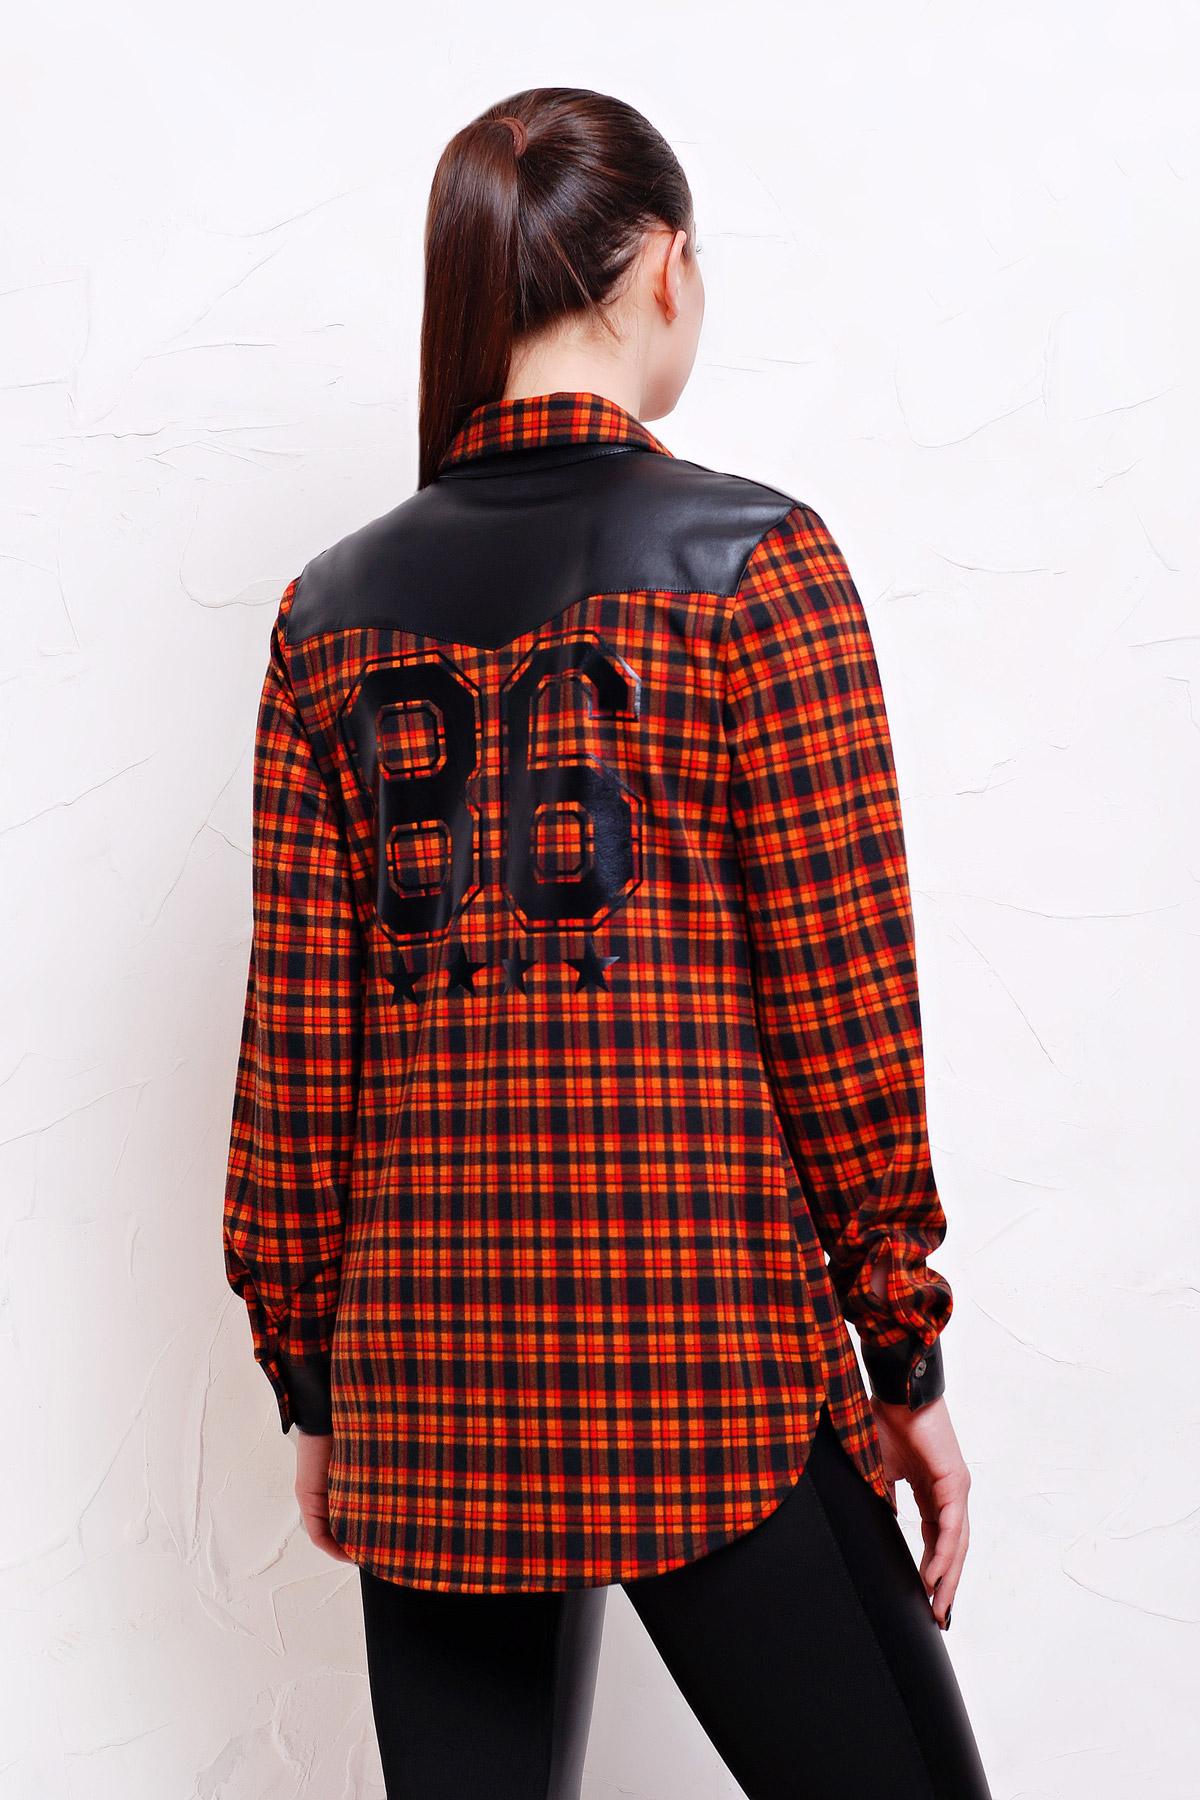 cd08c7bb440 женская клетчатая рубашка с кожаными вставками. рубашка Аризона д р. Цвет   черн